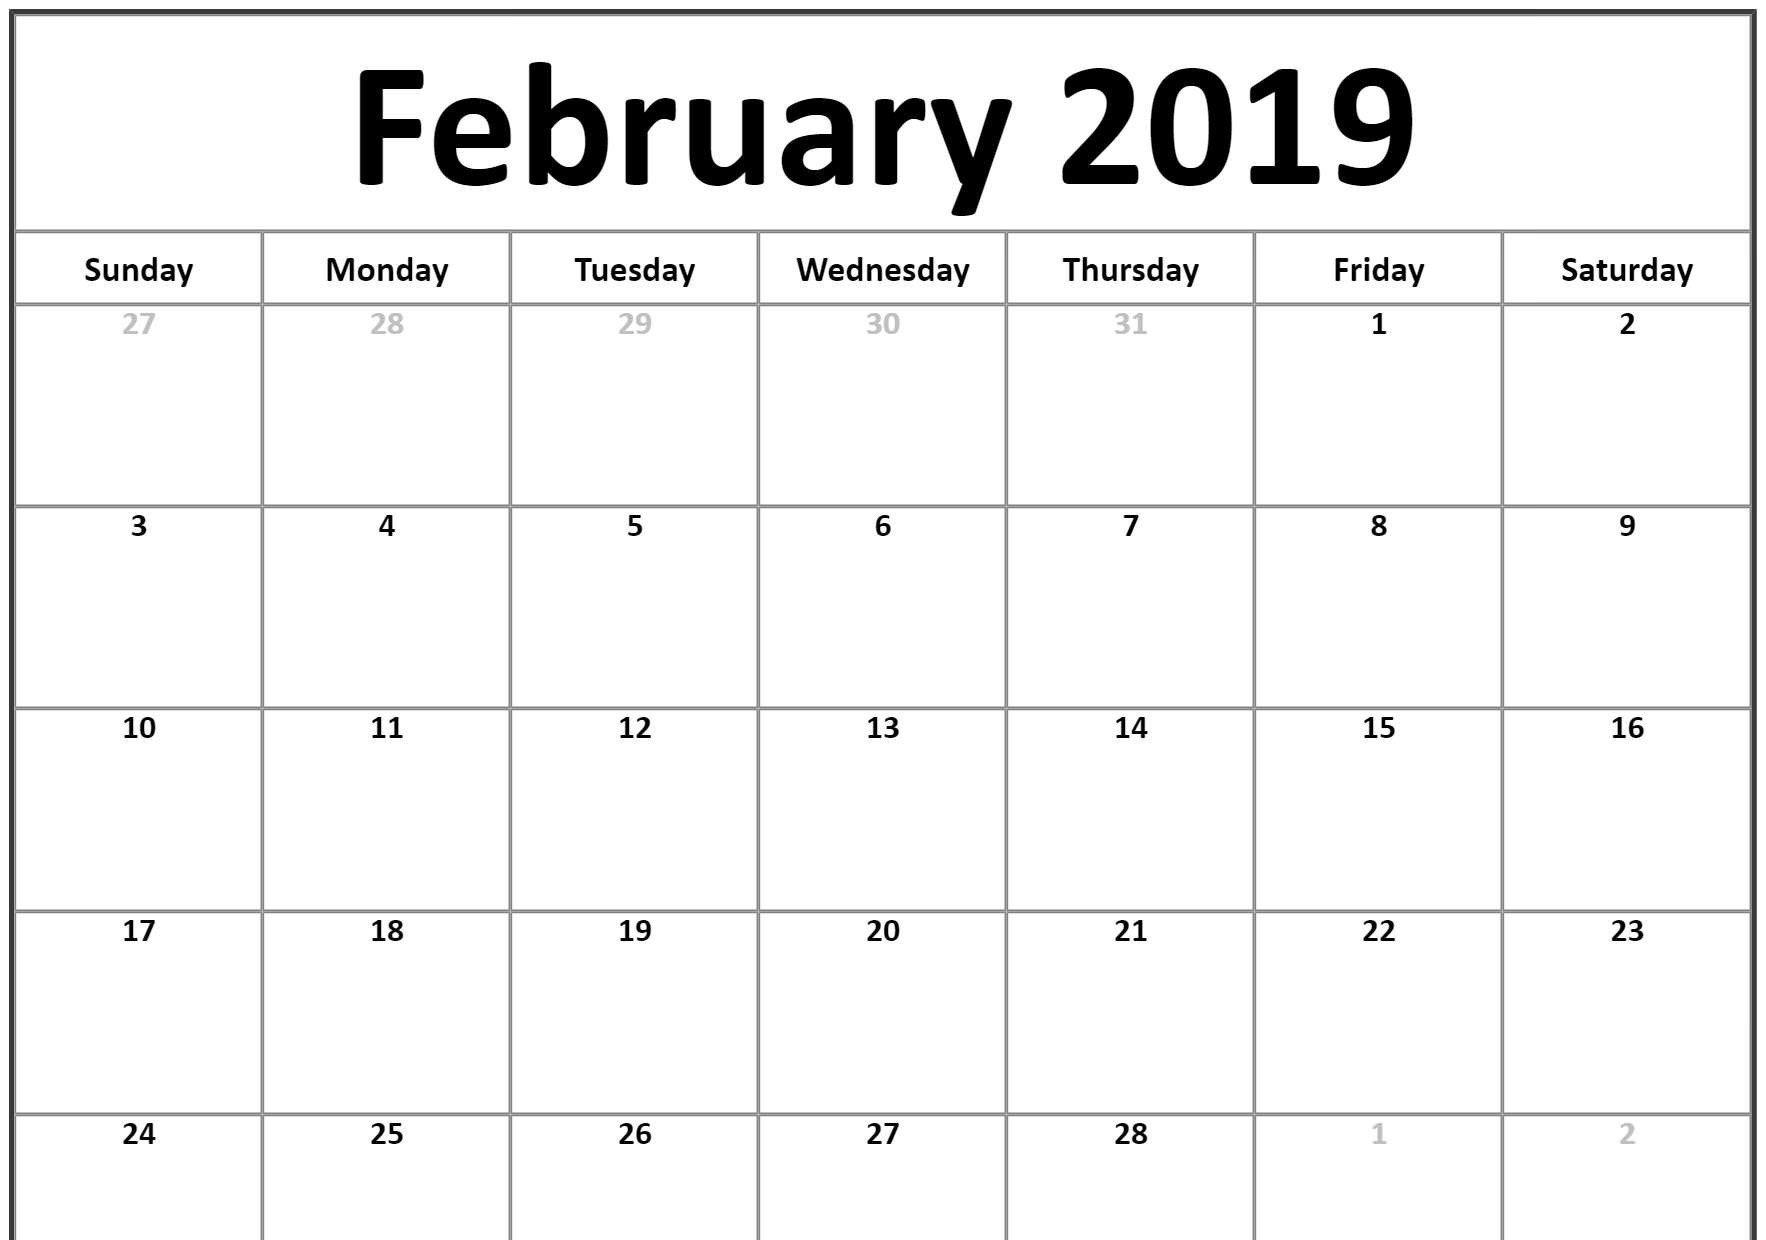 February 2019 Calendar Doc February 2019 Calendar Template   Free Printable Calendar